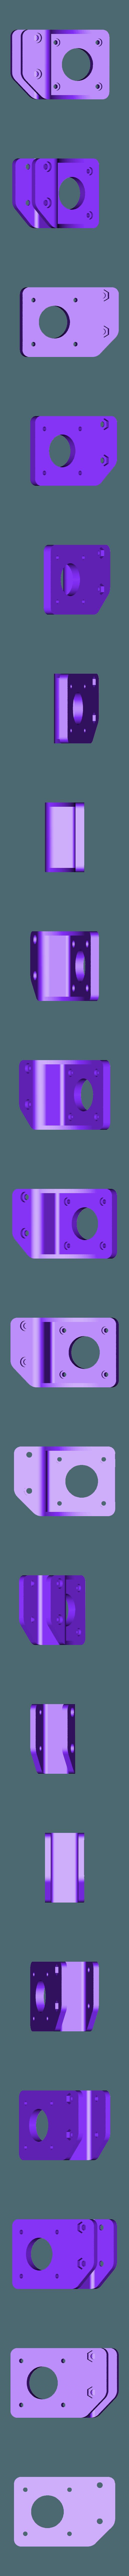 Motor_Mount_v2-0_x-axis.STL Télécharger fichier STL gratuit Montage moteur décalé (RigidBot) • Plan pour impression 3D, WalterHsiao